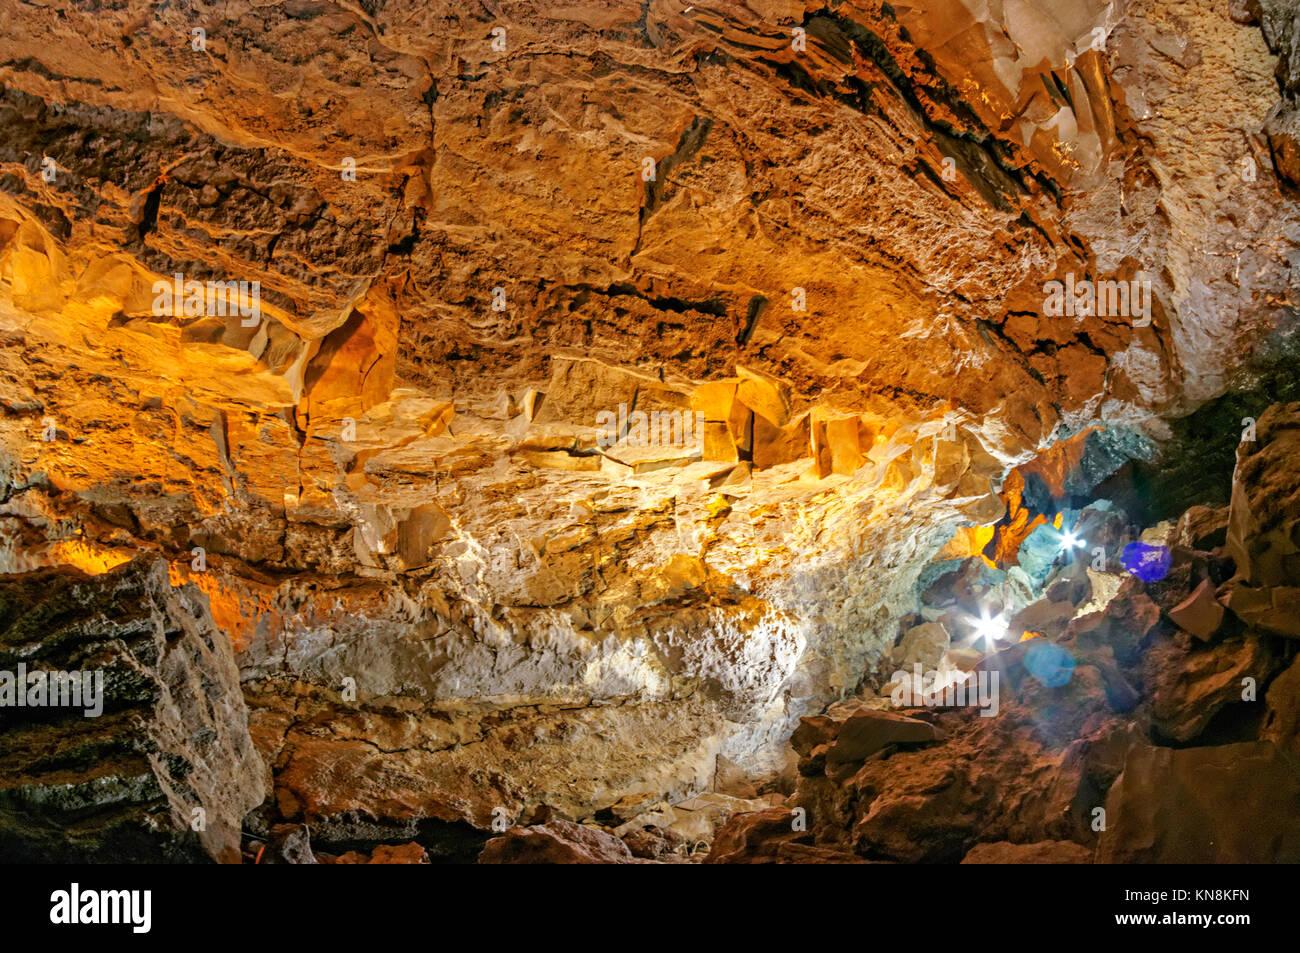 La Cueva de los Verdes, Lanzarote, Canary Islands, Spain - Stock Image